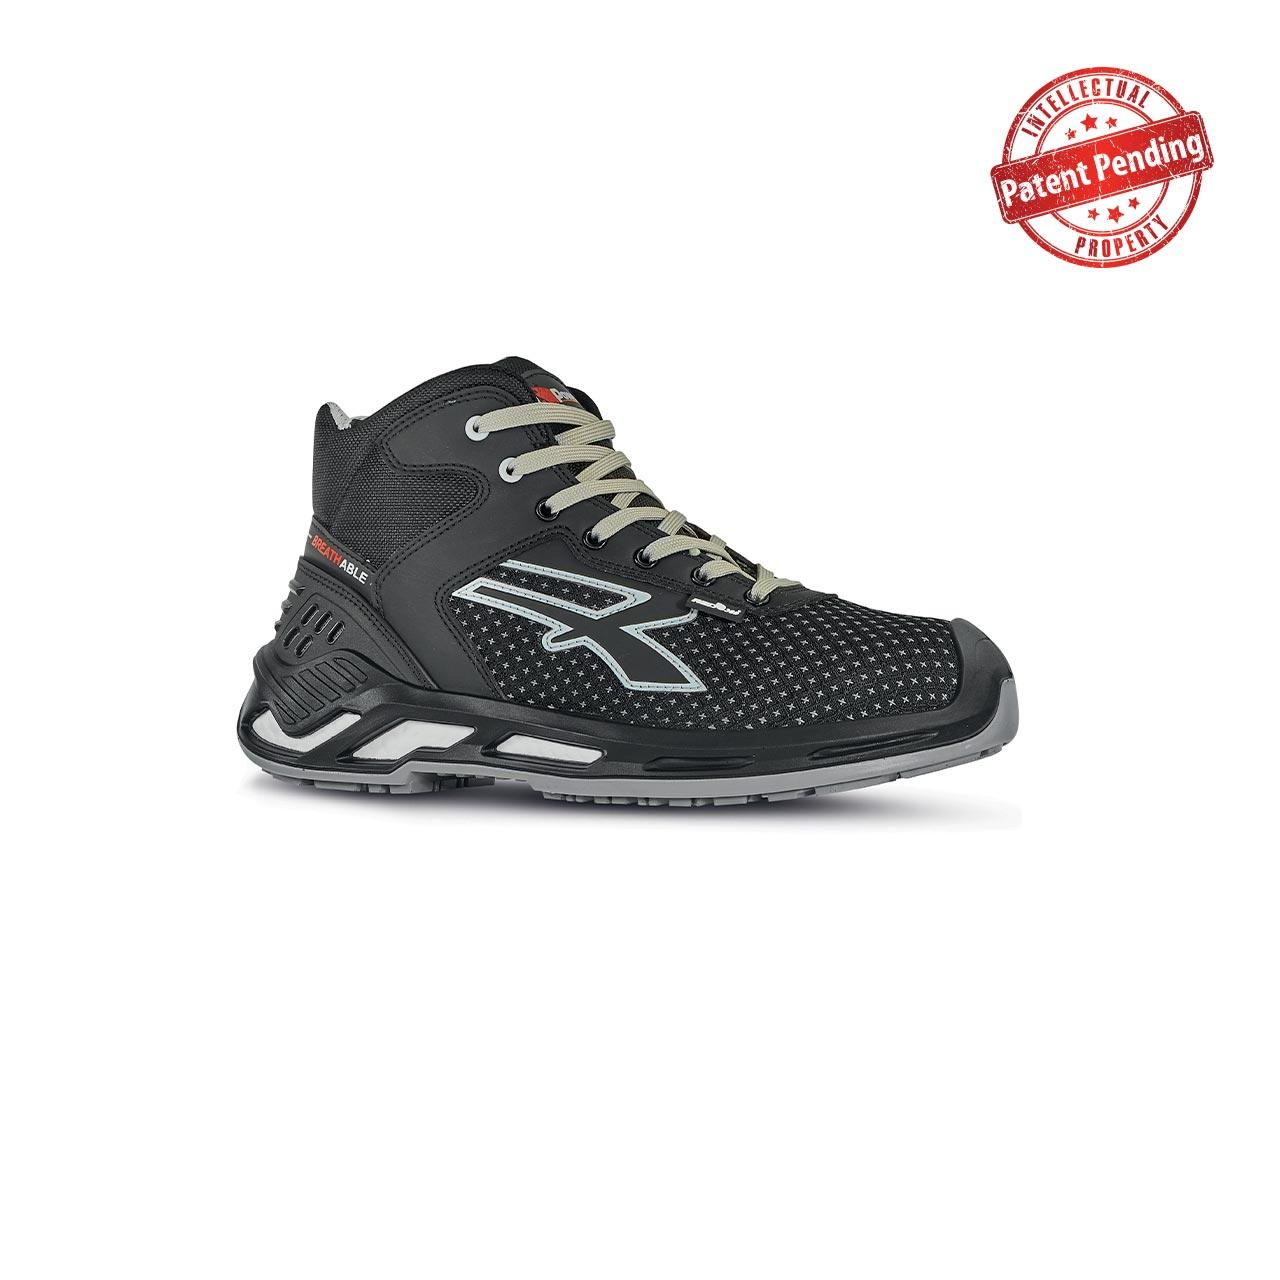 scarpa antinfortunistica upower modello jacob linea red360 vista laterale